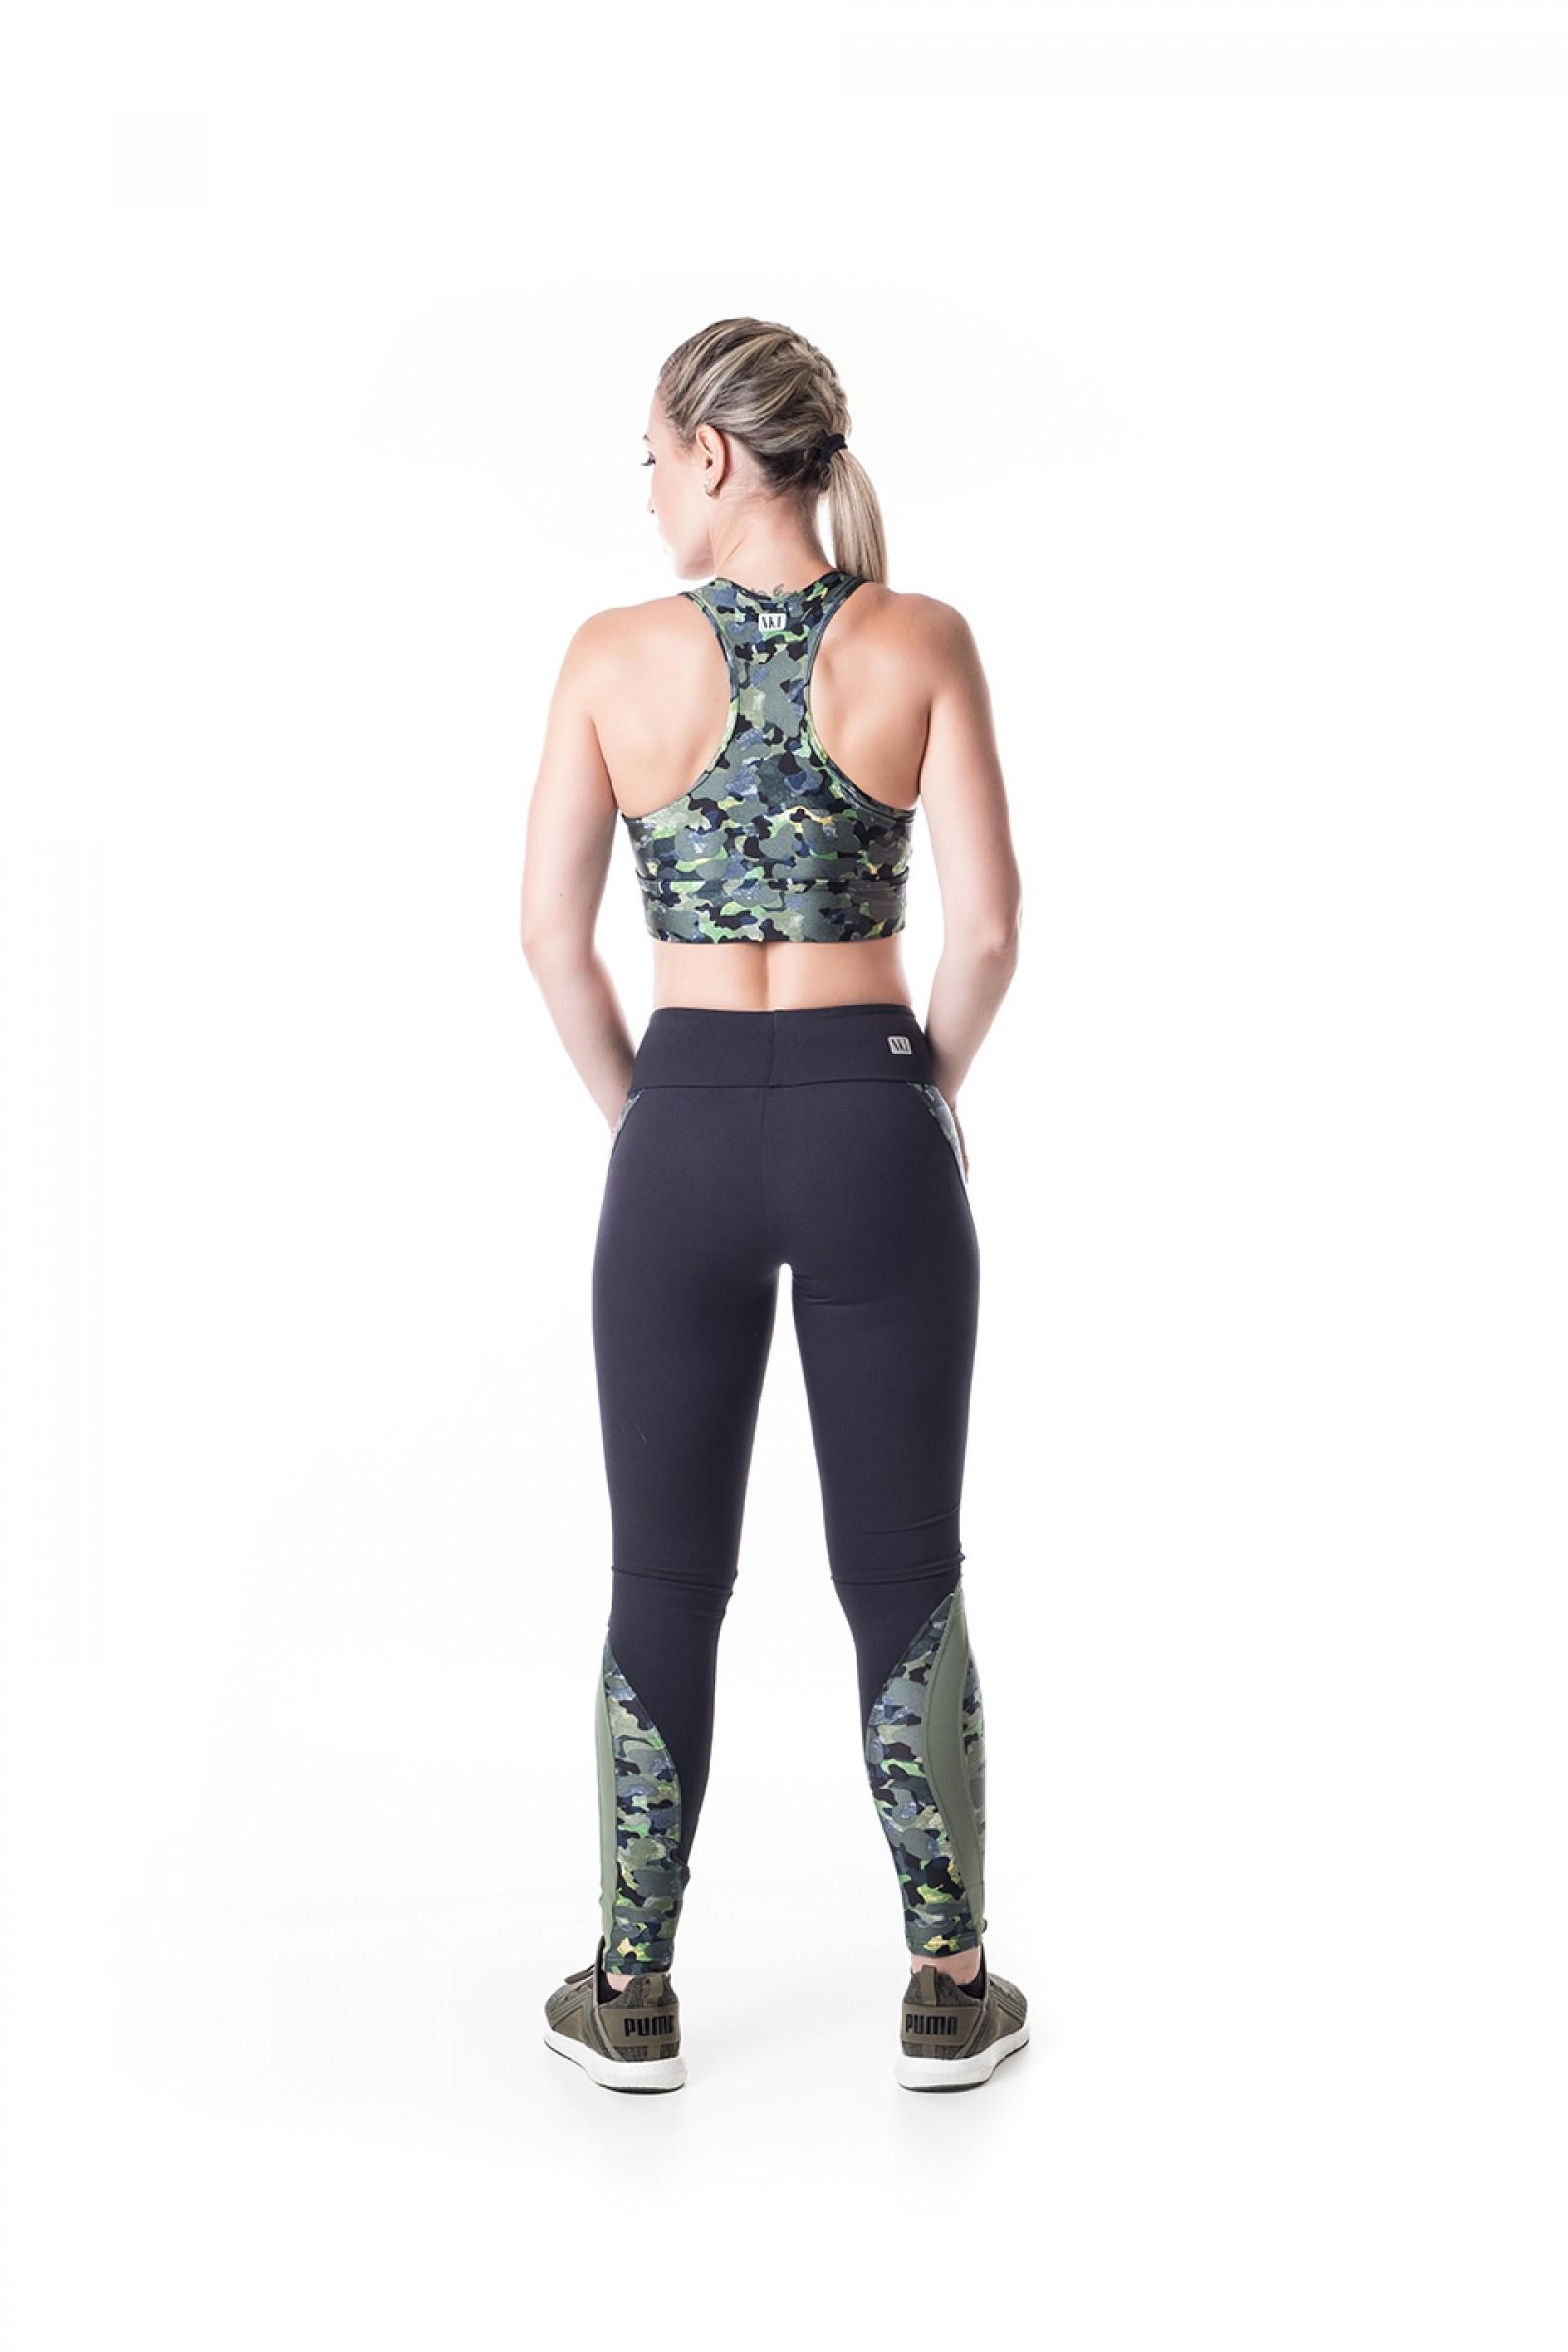 Cropped Lead Camuflado, Coleção Challenge - NKT Fitwear Moda Fitness